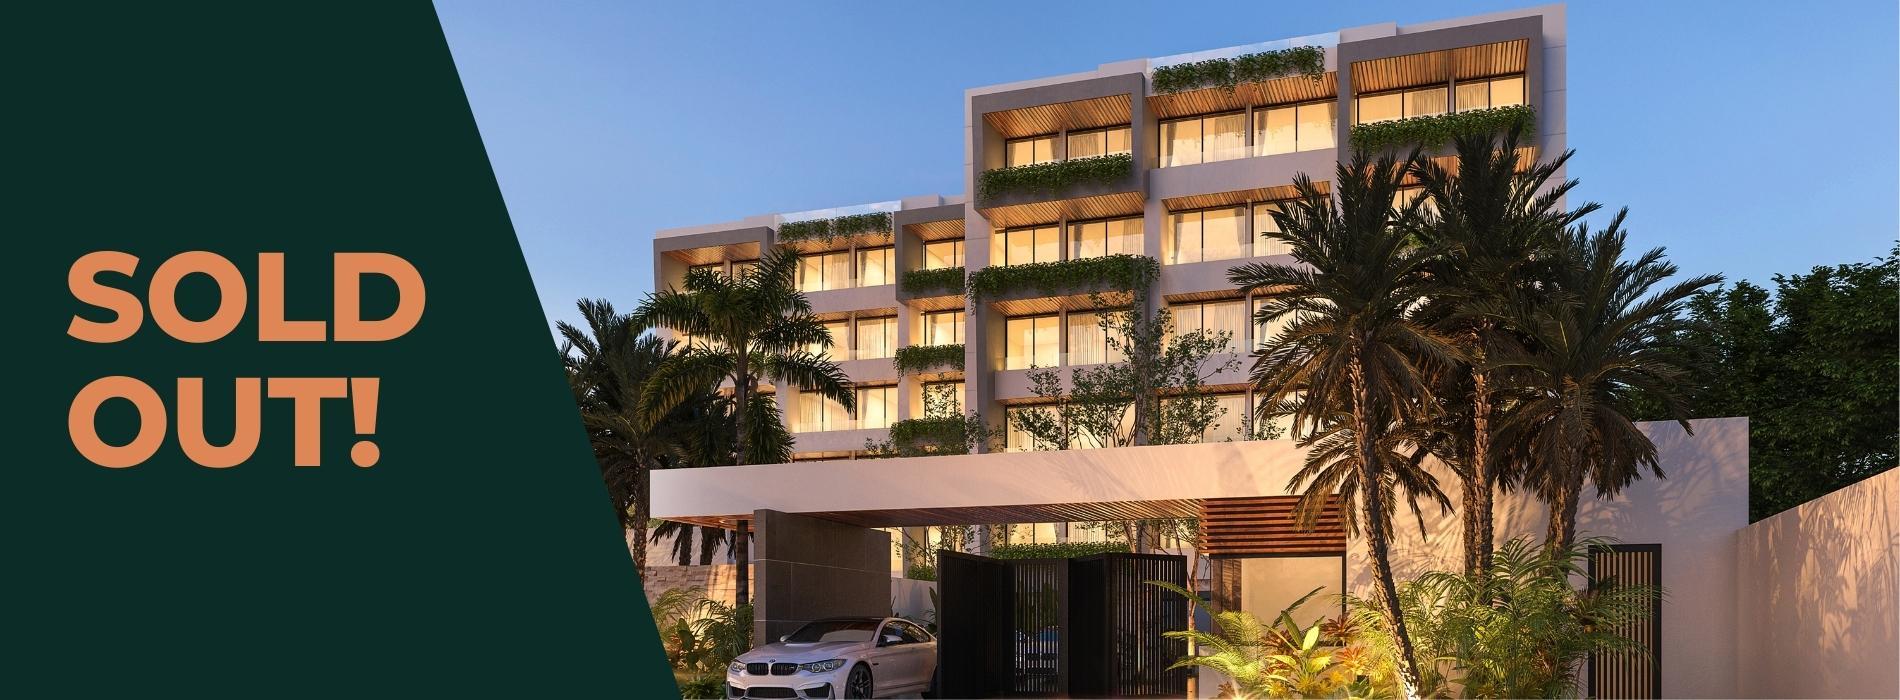 Departamentos Venta Mérida Punta Brisa Goodlers